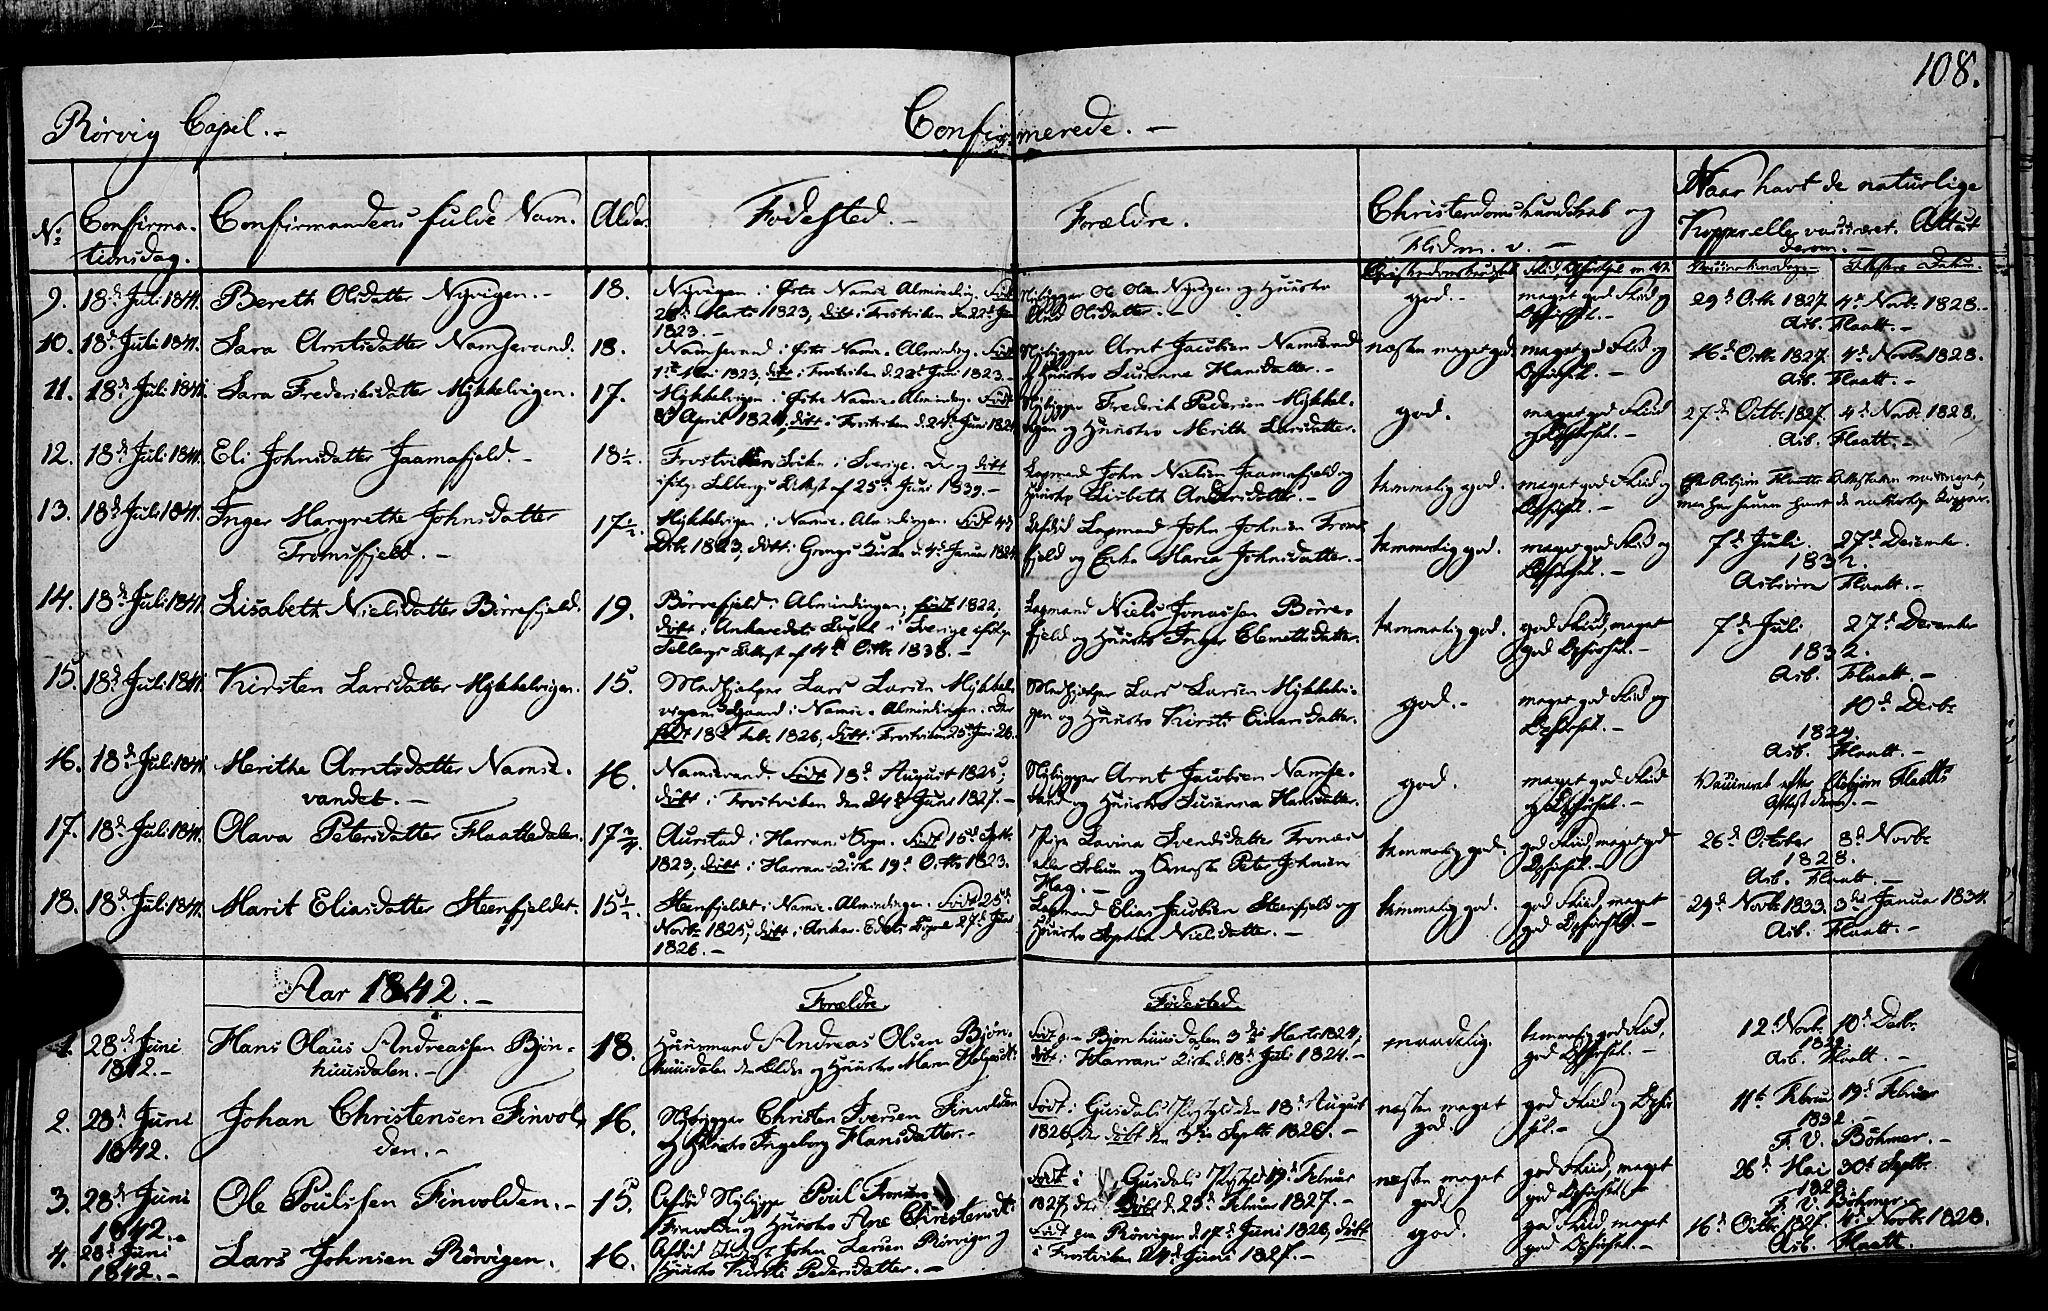 SAT, Ministerialprotokoller, klokkerbøker og fødselsregistre - Nord-Trøndelag, 762/L0538: Ministerialbok nr. 762A02 /1, 1833-1879, s. 108